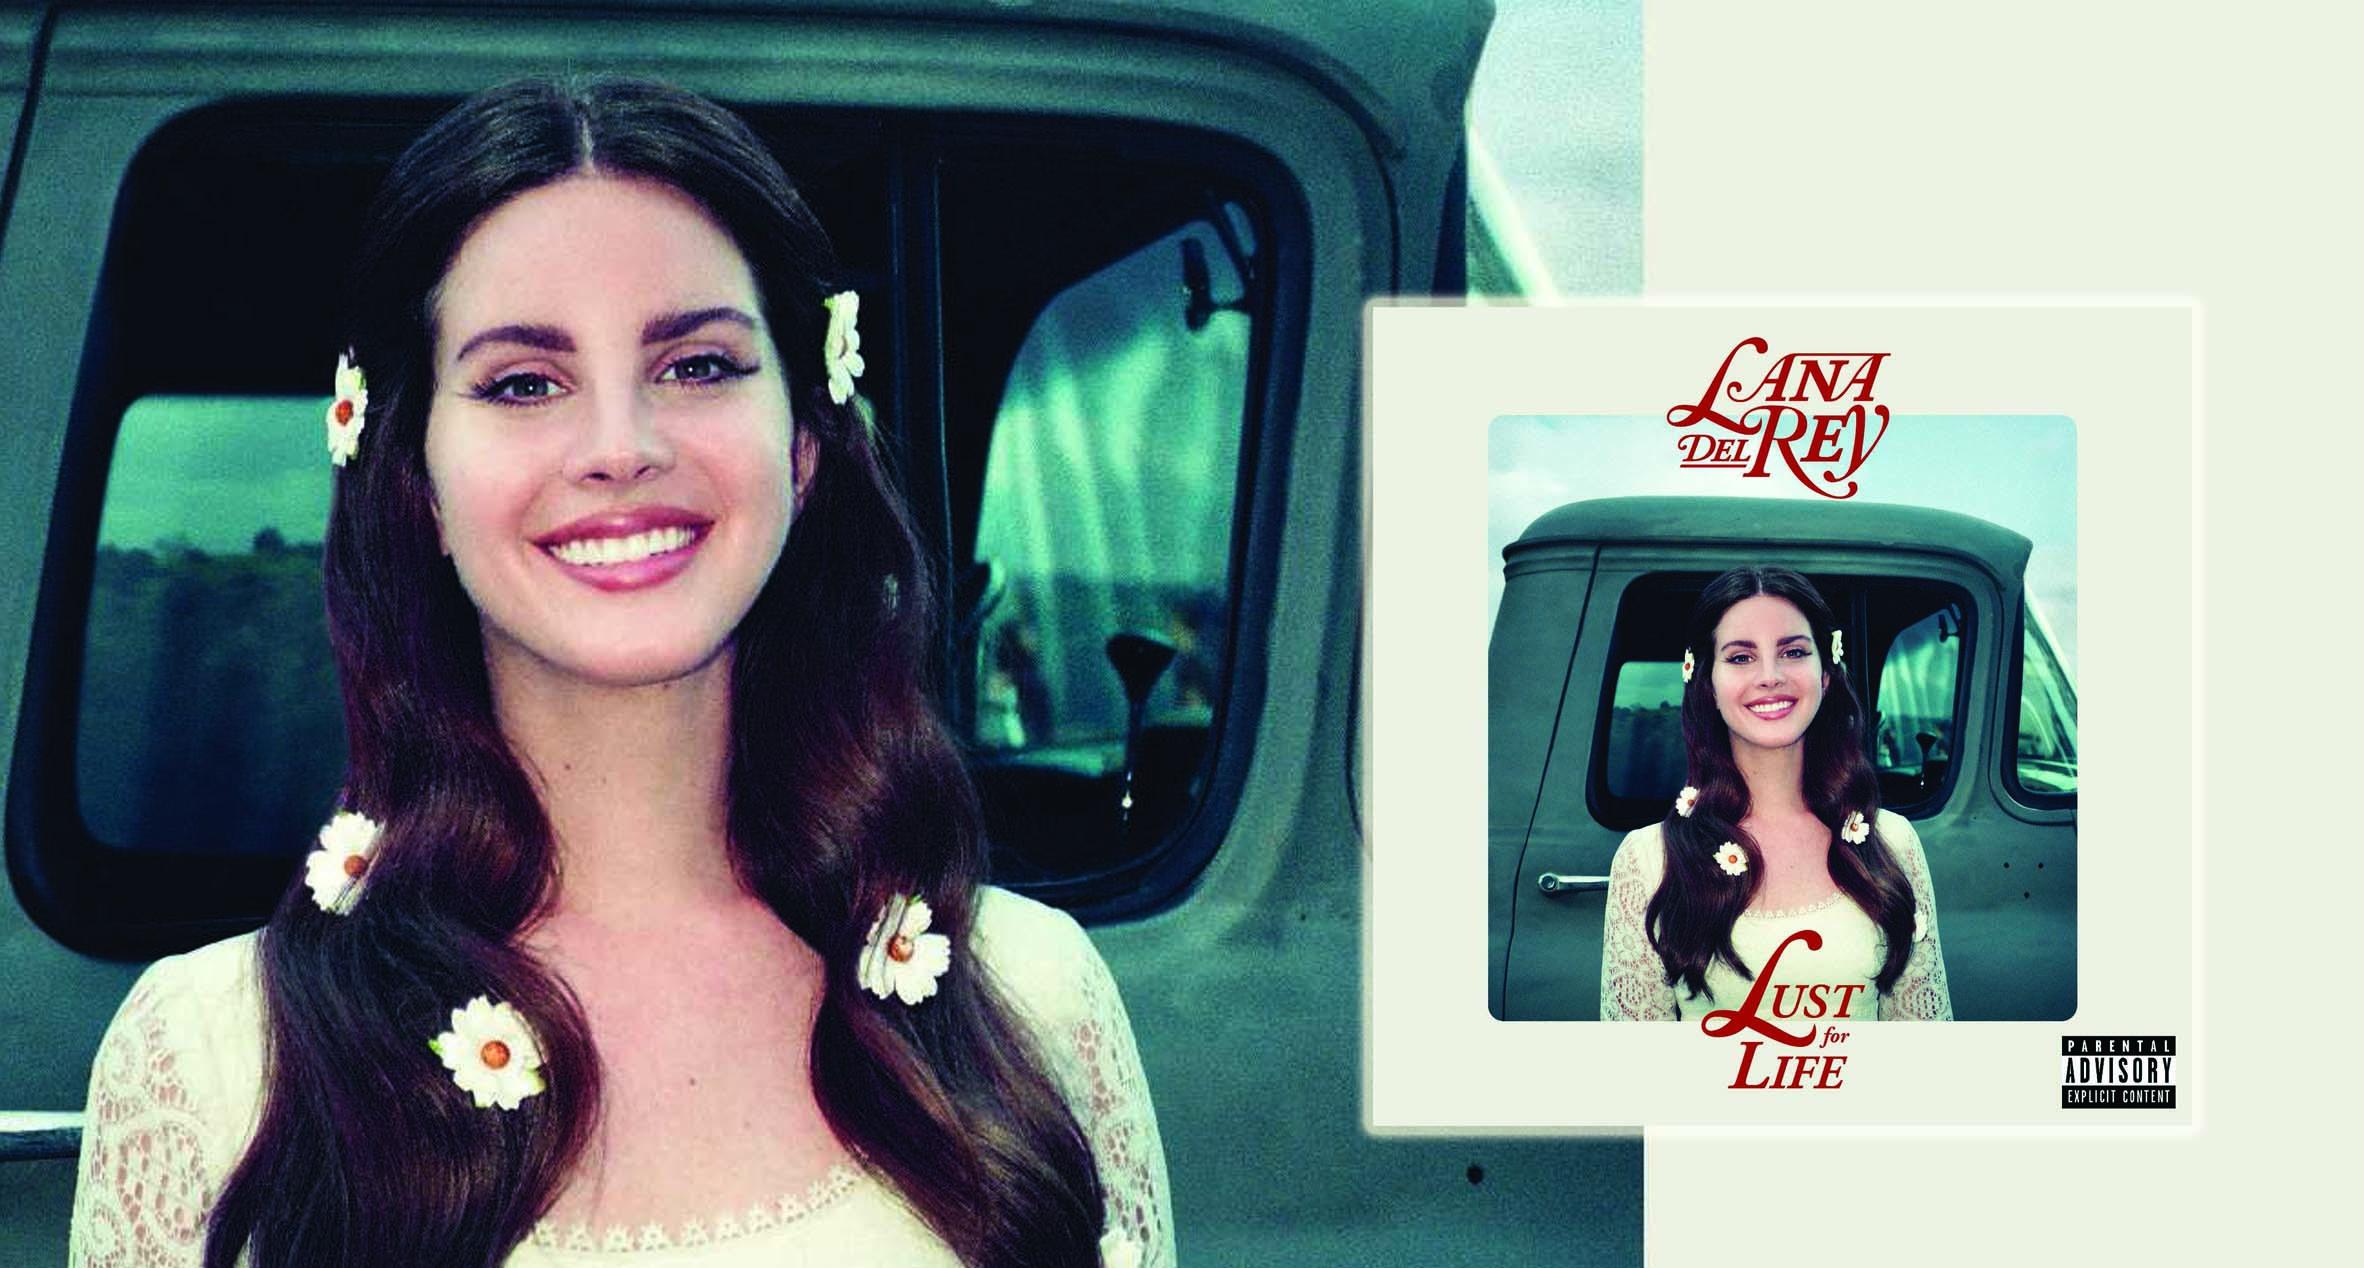 Ecco Lust For Life, il nuovo album di Lana Del Rey (AUDIO)